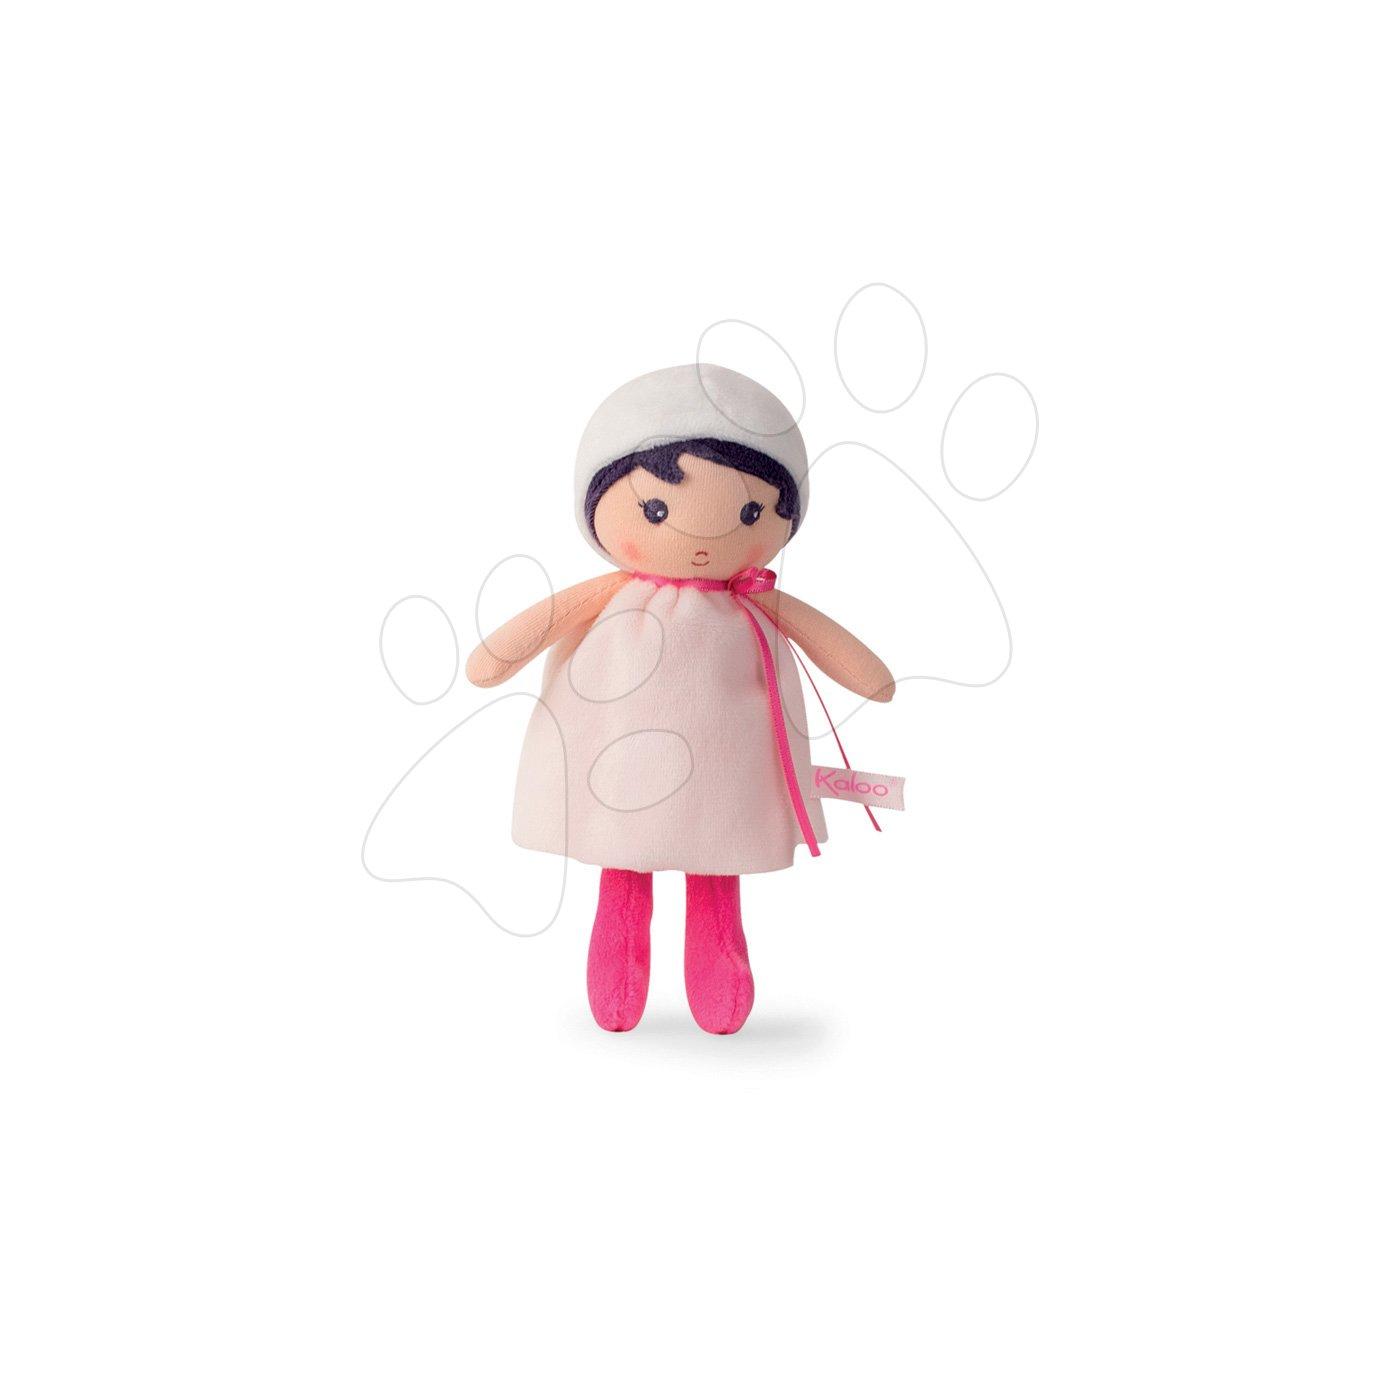 Kaloo panenka pro miminka Perle K Tendresse 18 cm v bílých šatech z jemného textilu v dárkovém balení 962094